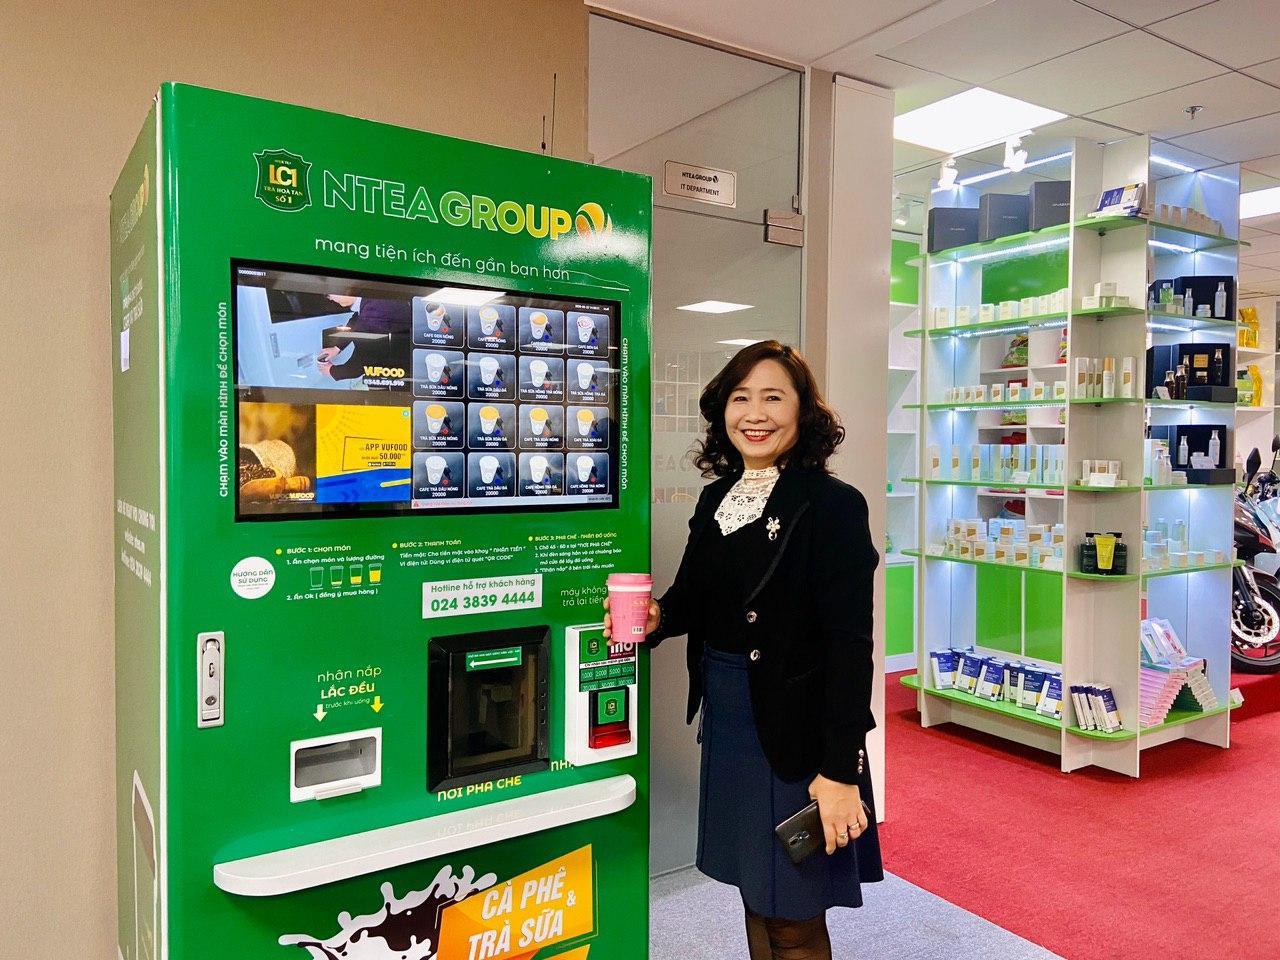 Máy bán hàng tự động phục vụ CBNV tại văn phòng NTEA